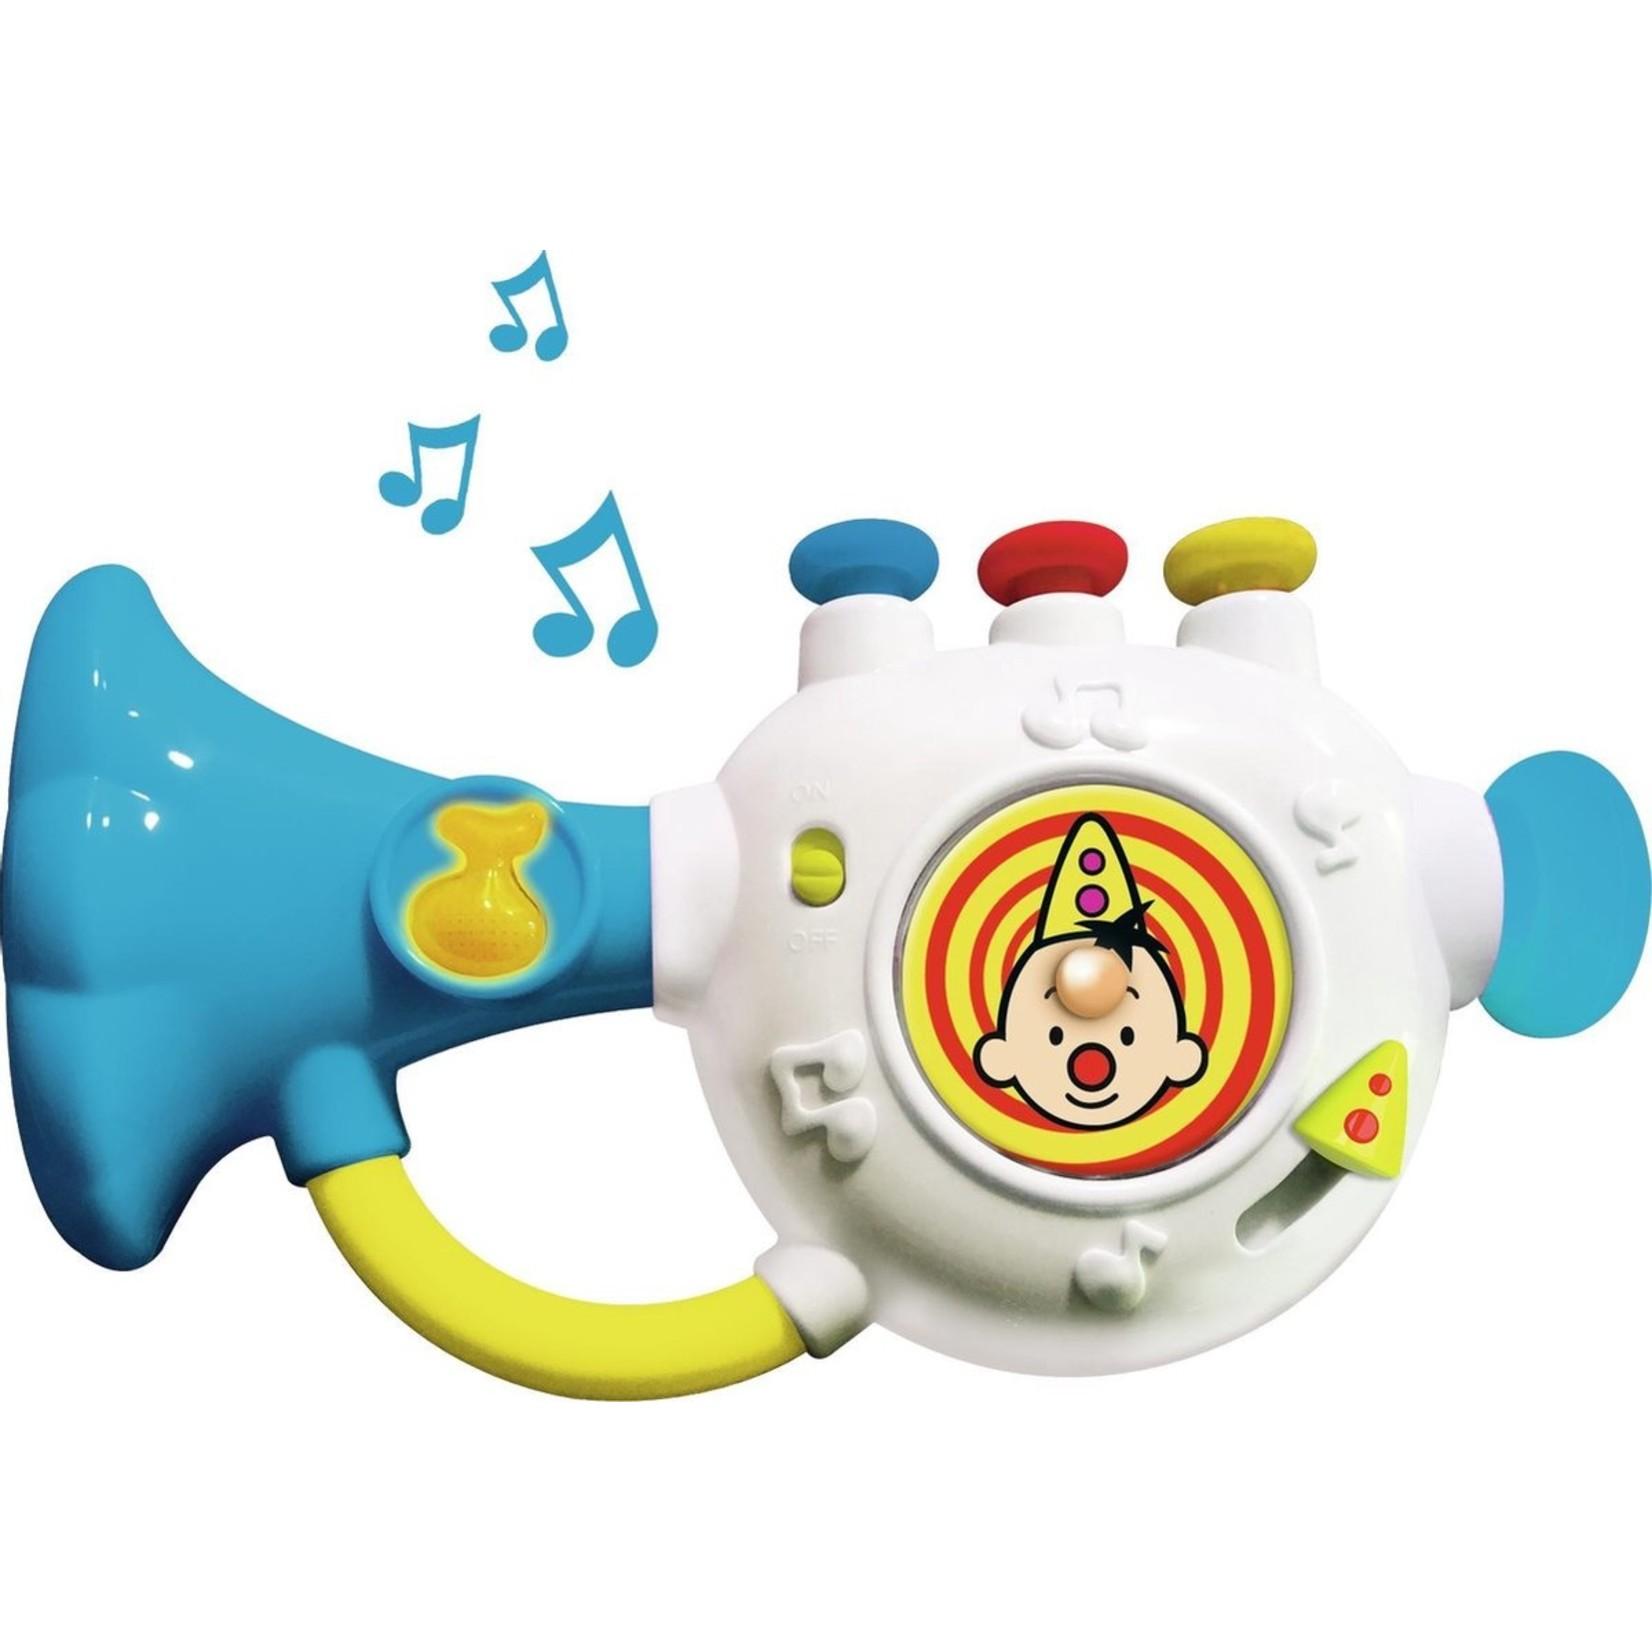 Studio 100 Bumba Trompet